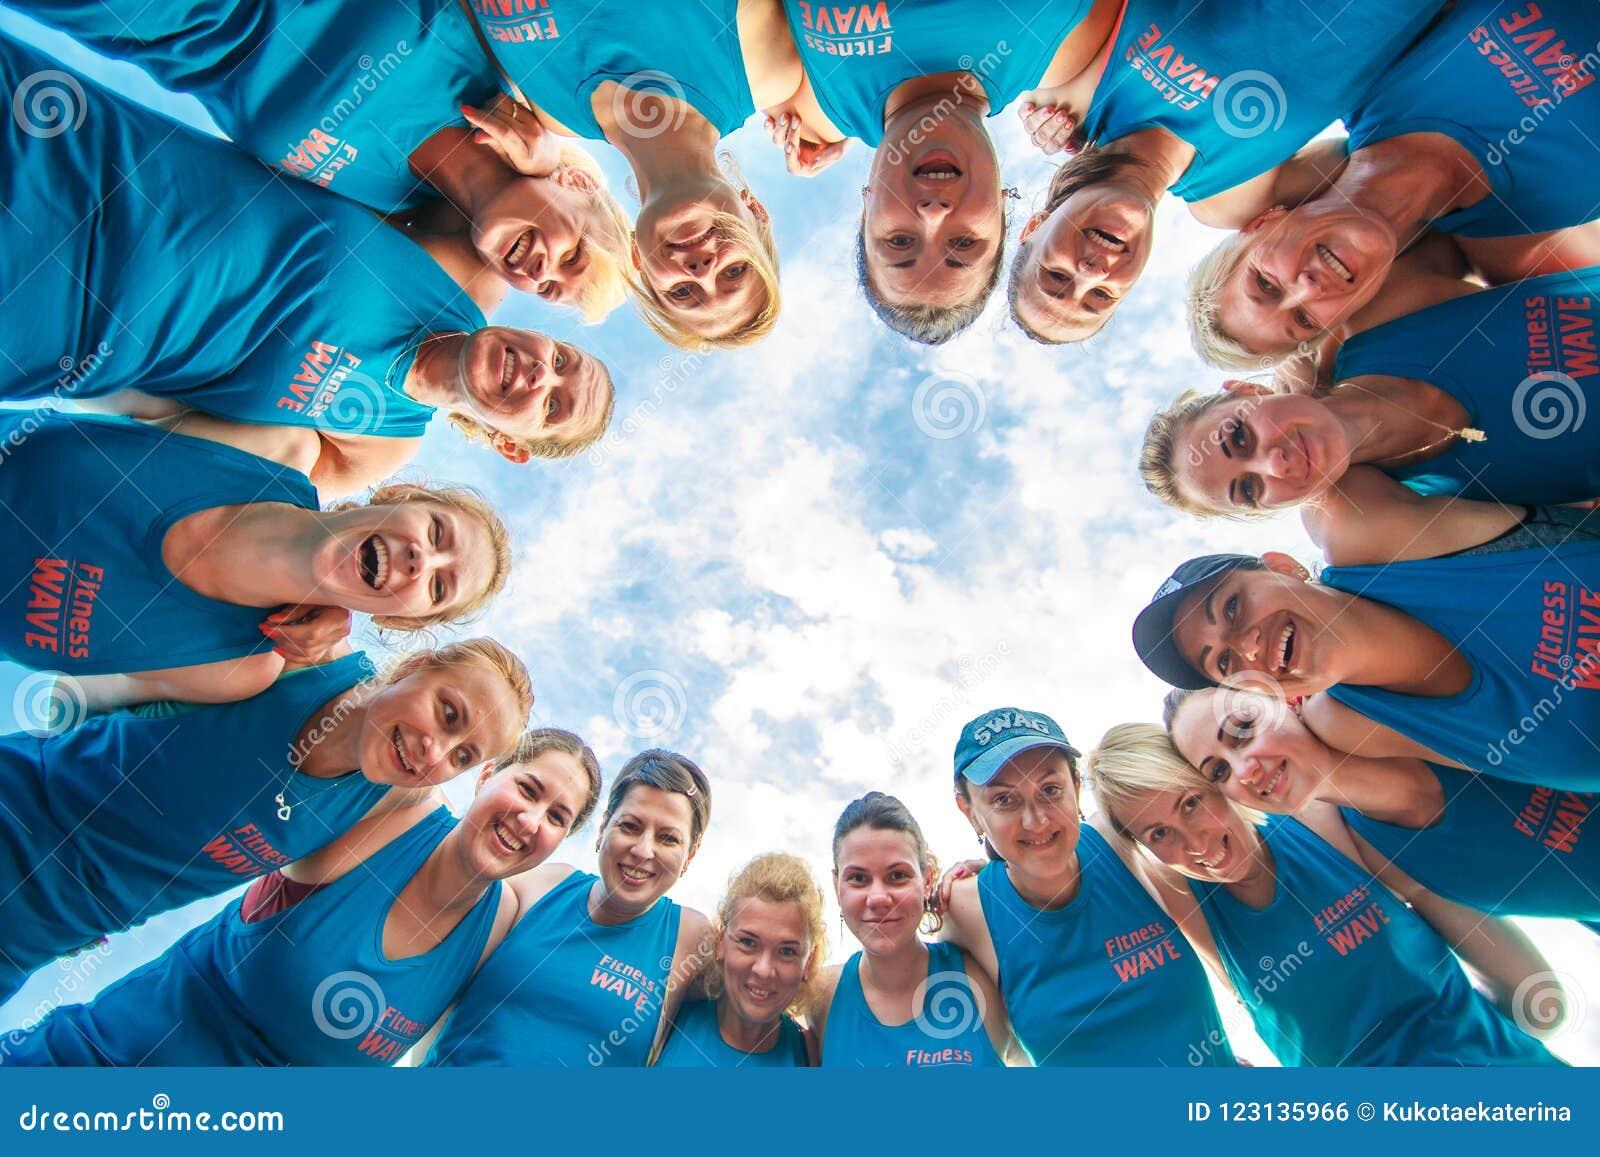 Eine Gruppe Eignungsleute team zusammen in einem Kreis für Erfolgsenergie, Teamwork-Erfolgskonzept